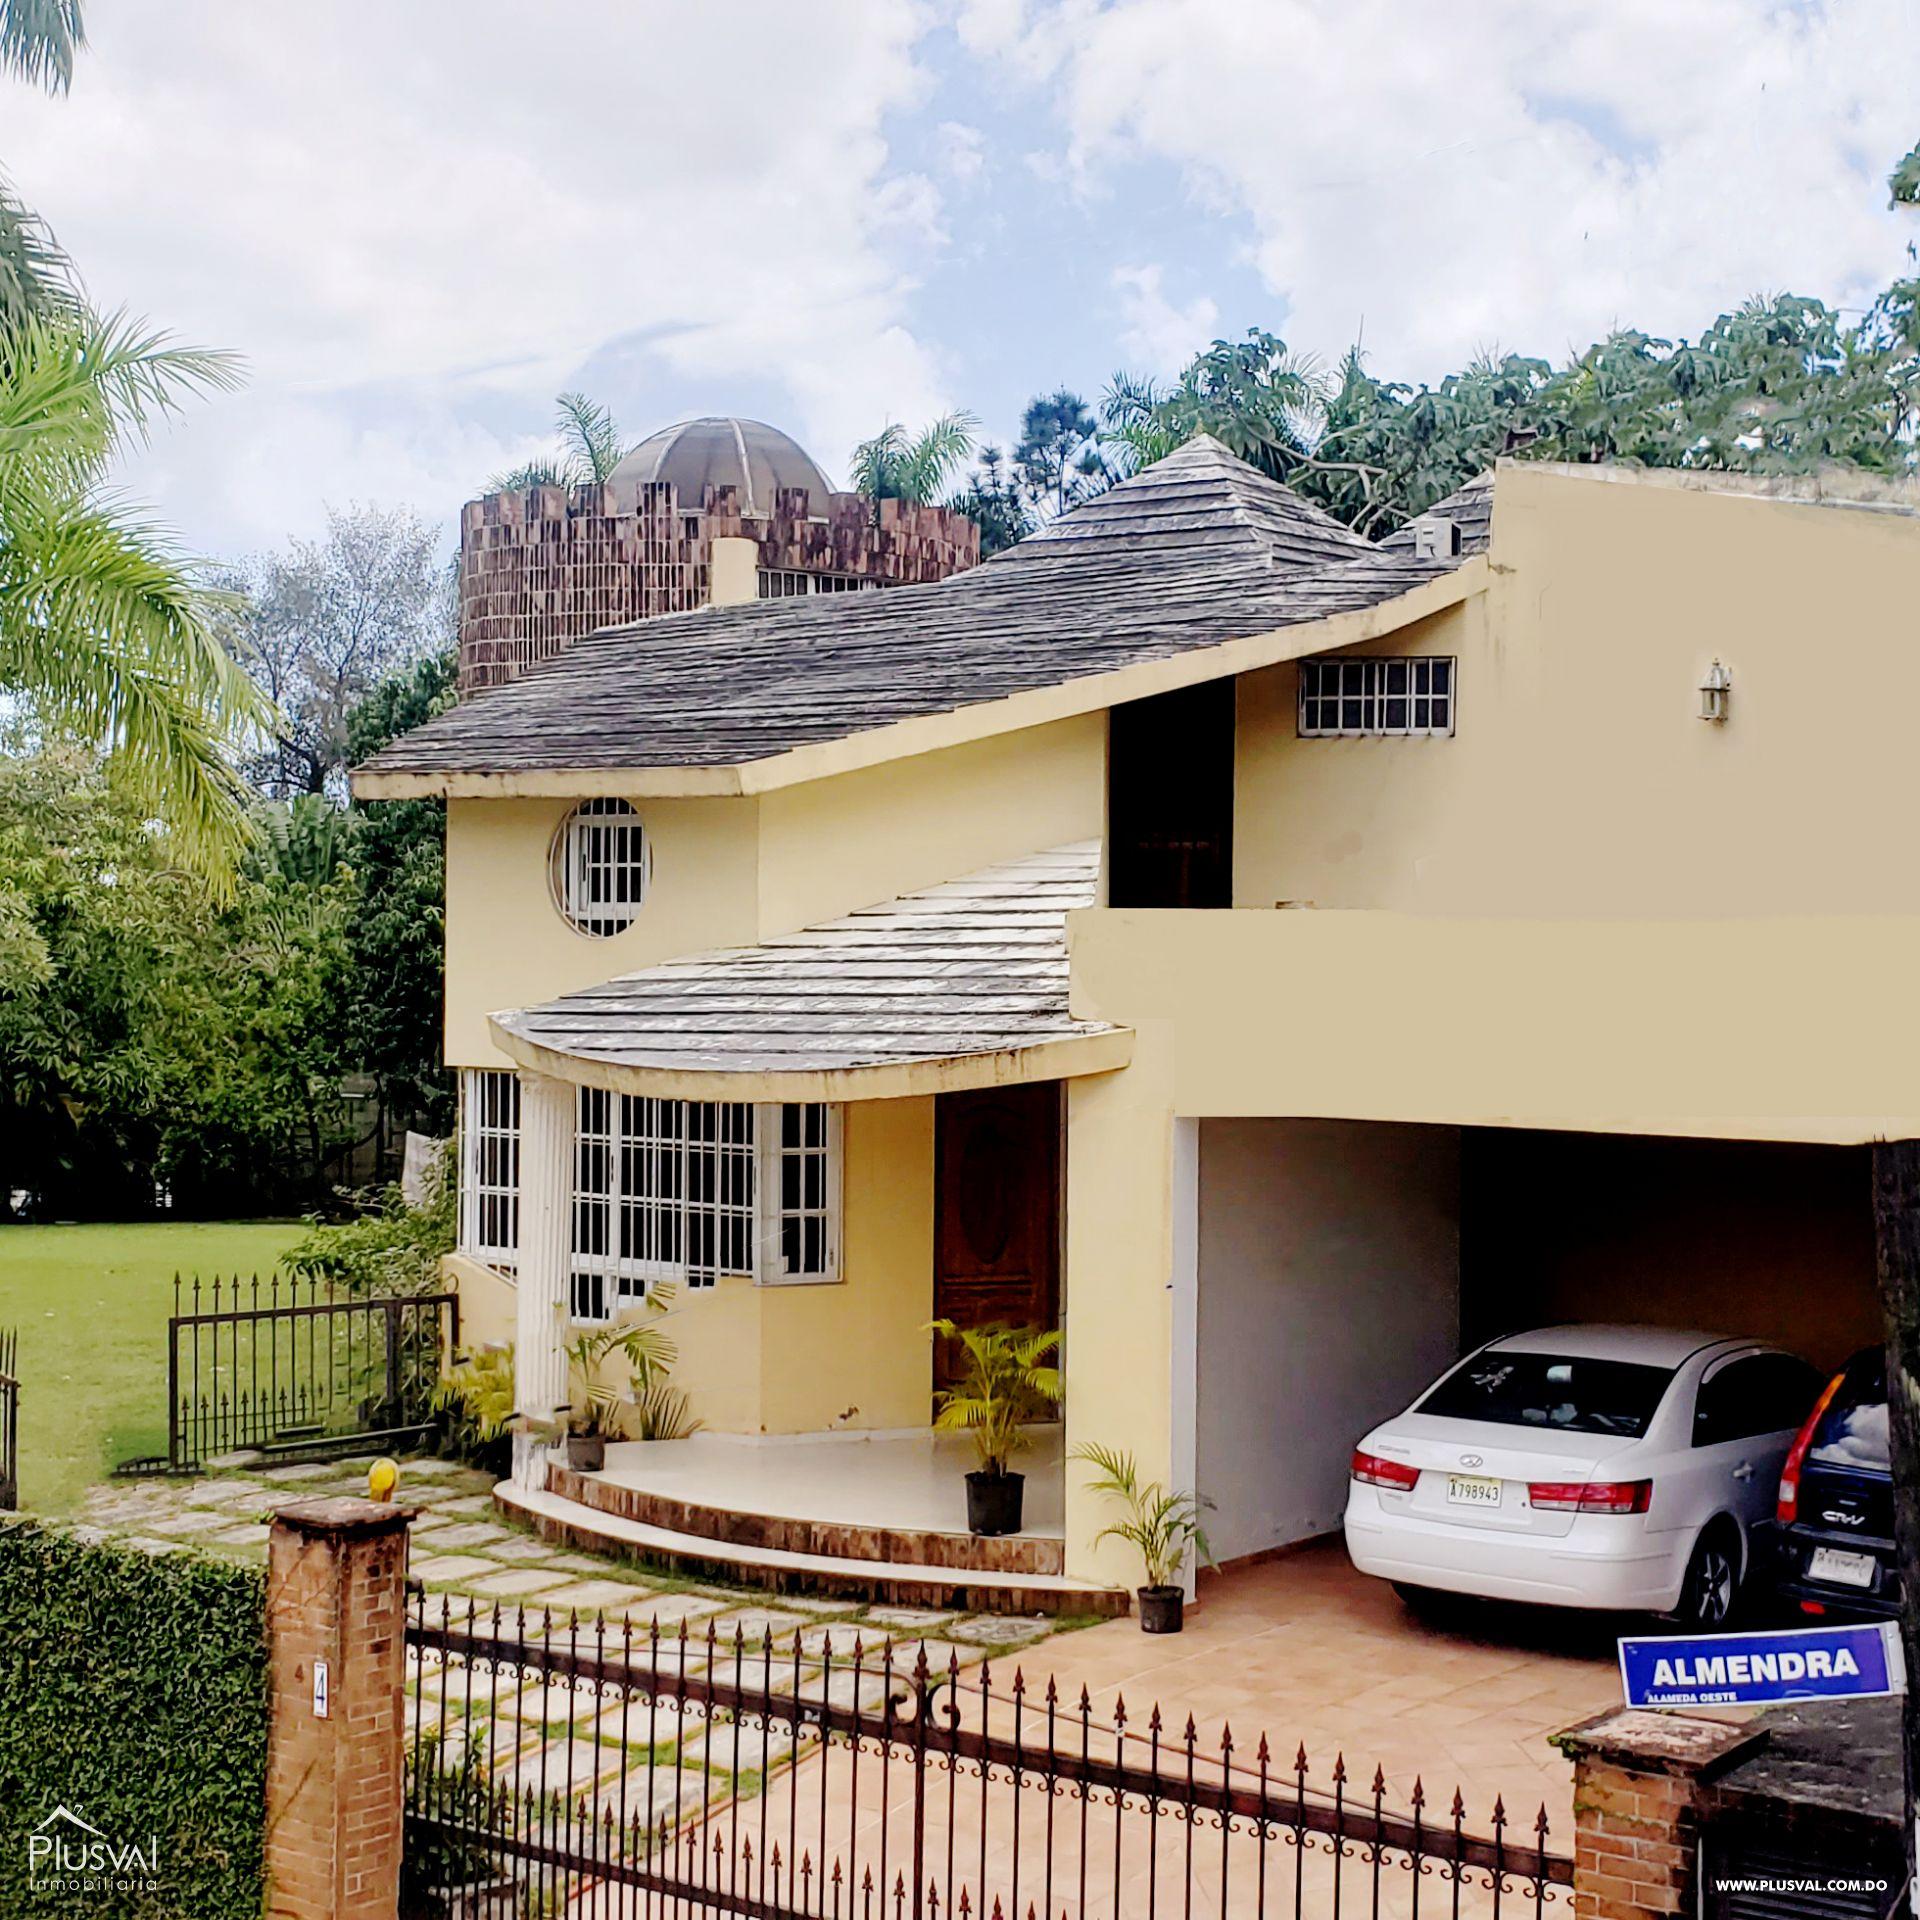 Casa confortable  y adecuada para vivir en familia, con amplio solar donde puedes agregar otras áreas adecuadas para ti y los tuyos.